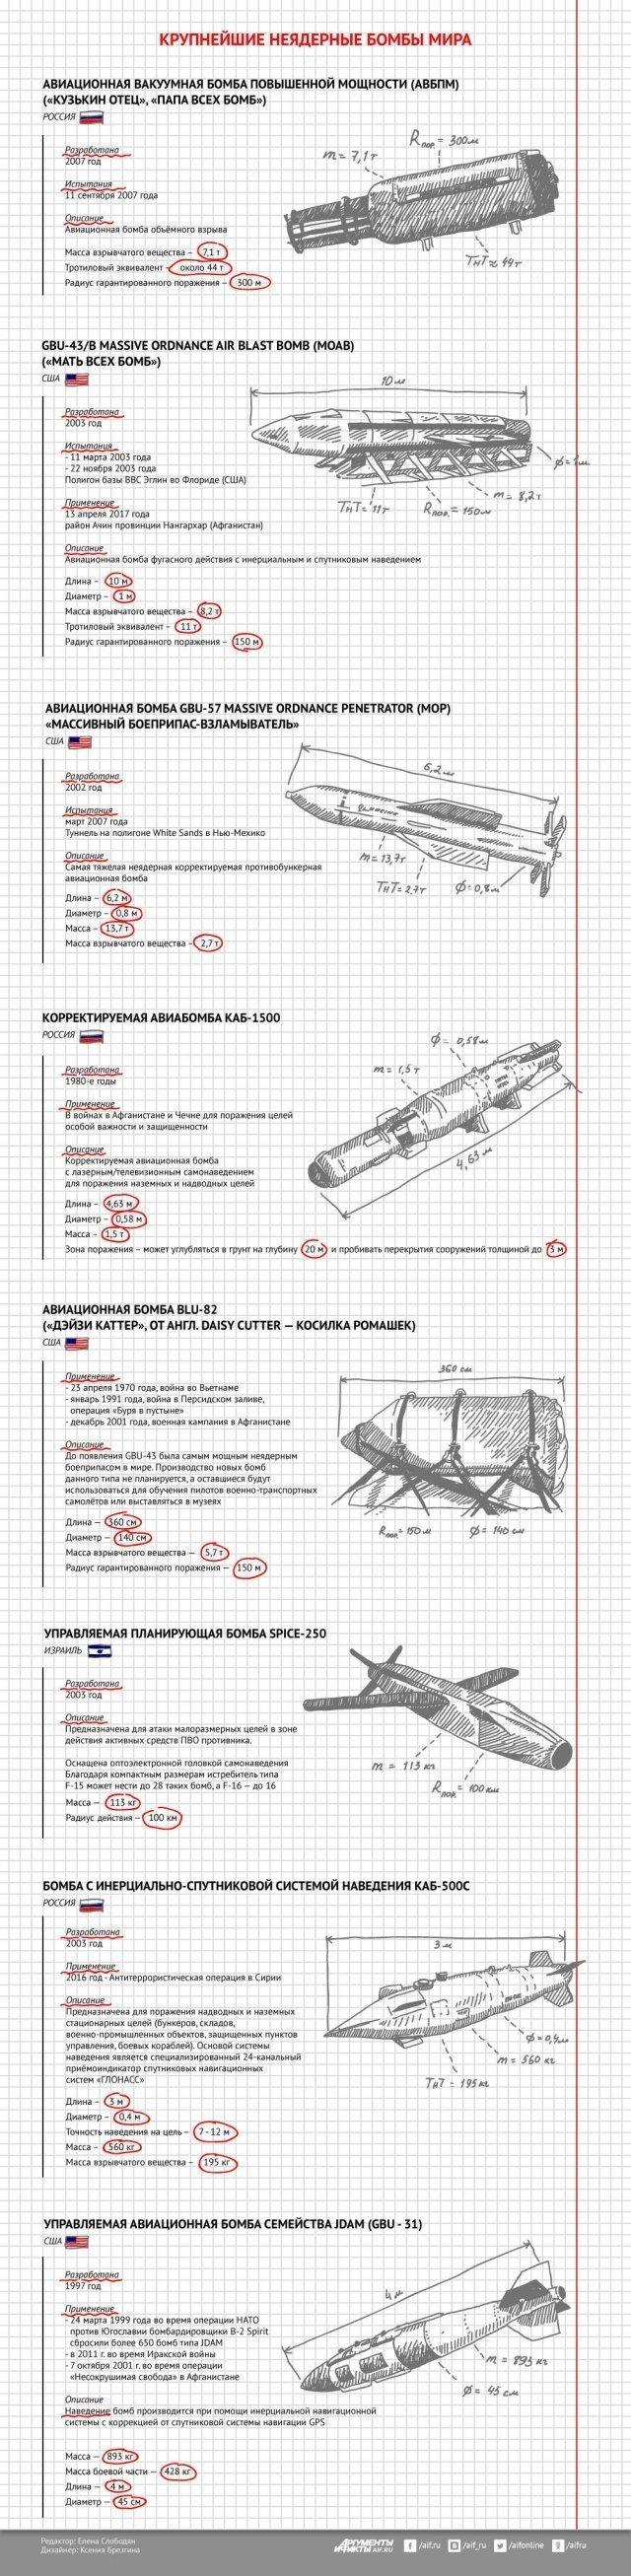 Крупнейшие неядерные бомбы мира график, информация, факты